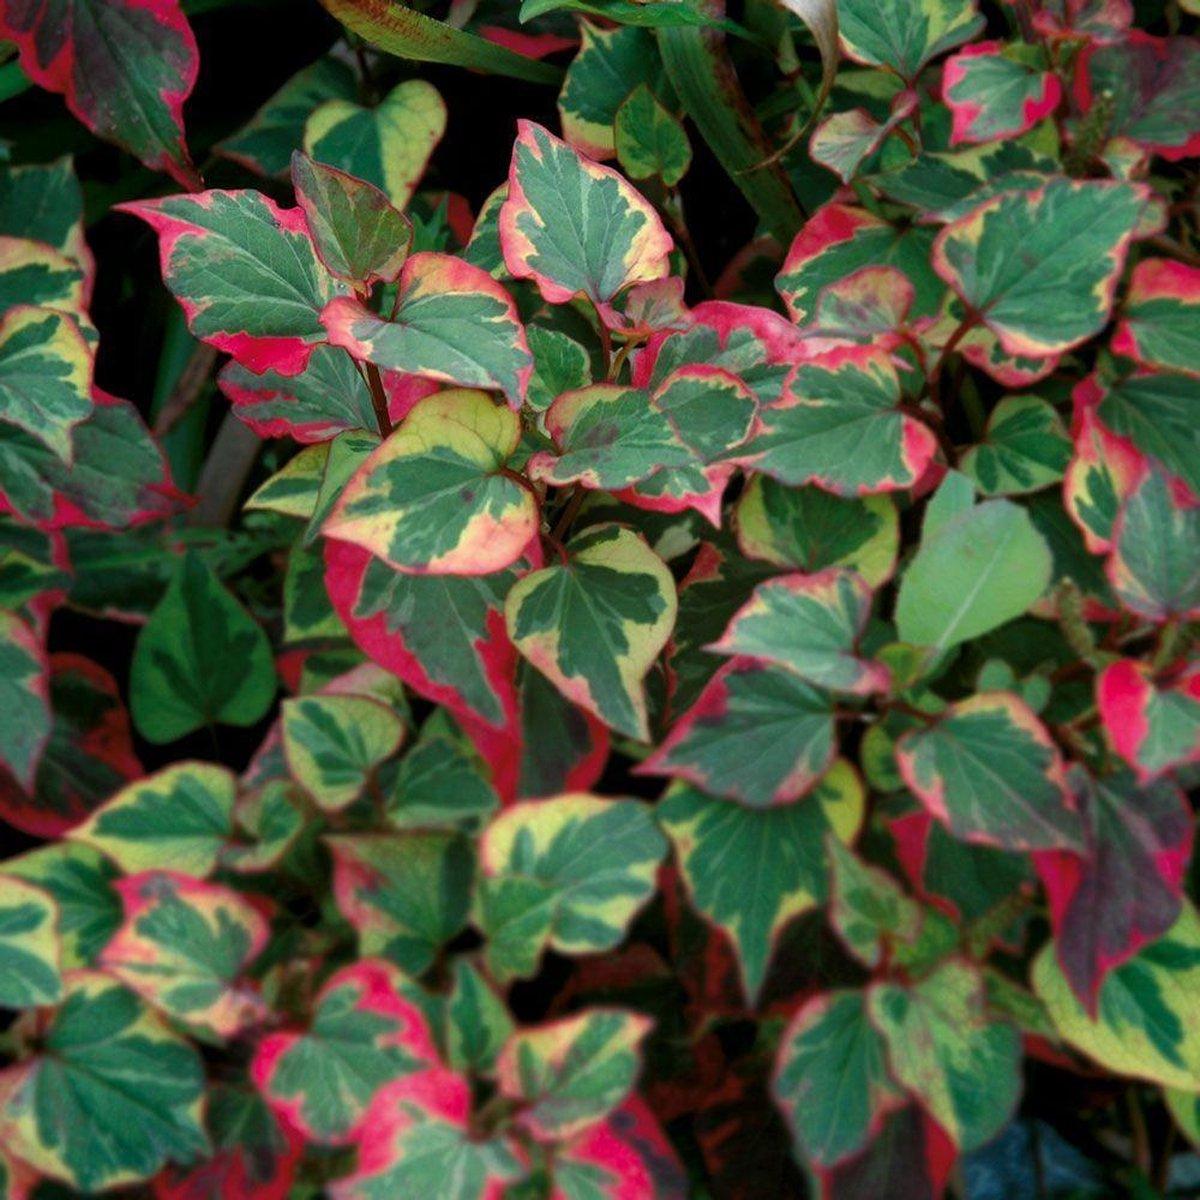 Moerasanemoon Houttuynia Cordata Chameleon - 4 stuks + Aqua Set - Winterharde Vijverplanten - Van der Velde Waterplanten - VanderVeldeWaterplanten.nl